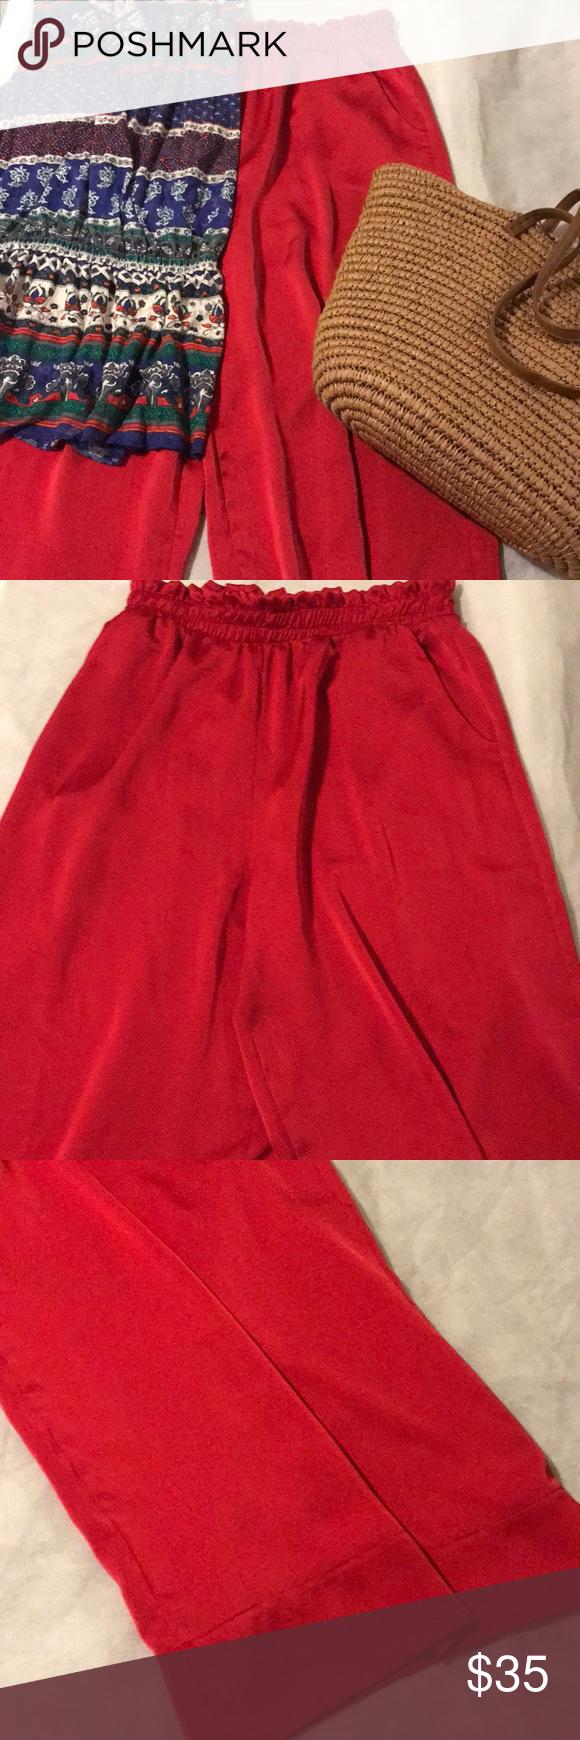 1560dfc0304 Le Lis Red Flair Leg Pants Excellent condition Red flair leg pants wit  pockets from Stitch fix Capri length Le Lis Pants Wide Leg